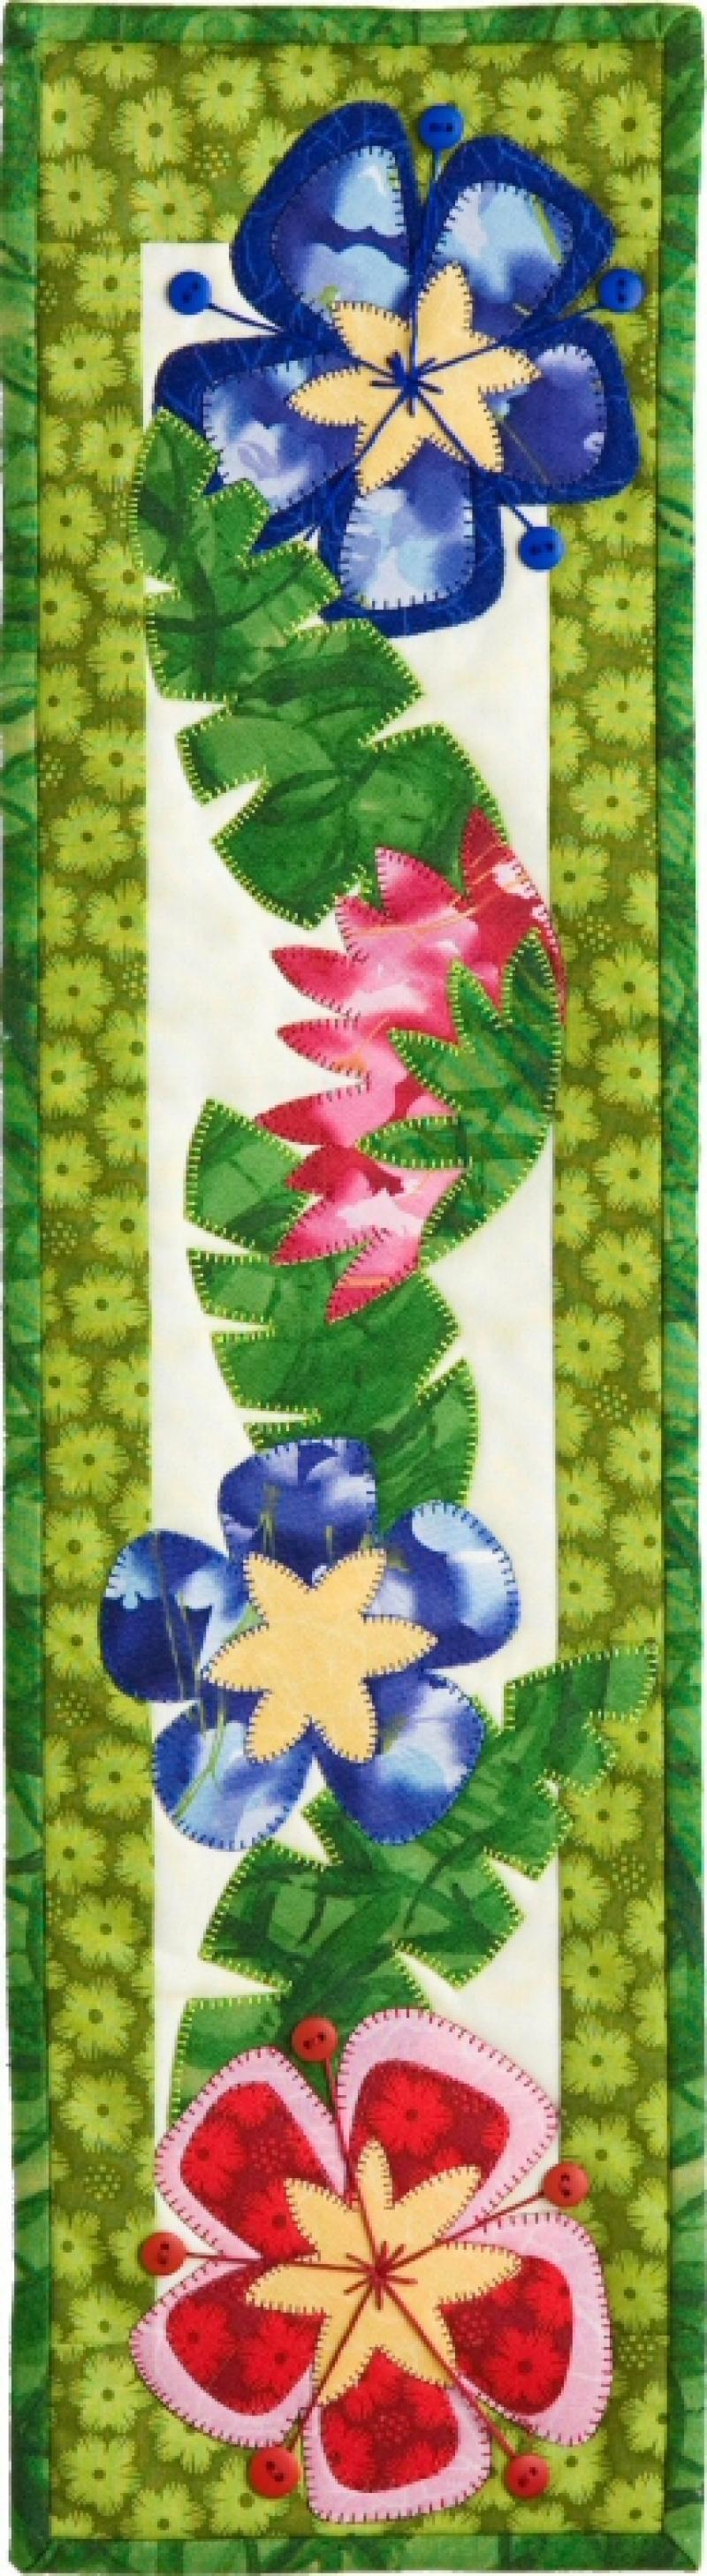 P123 Hibiscus wall hanging pattern